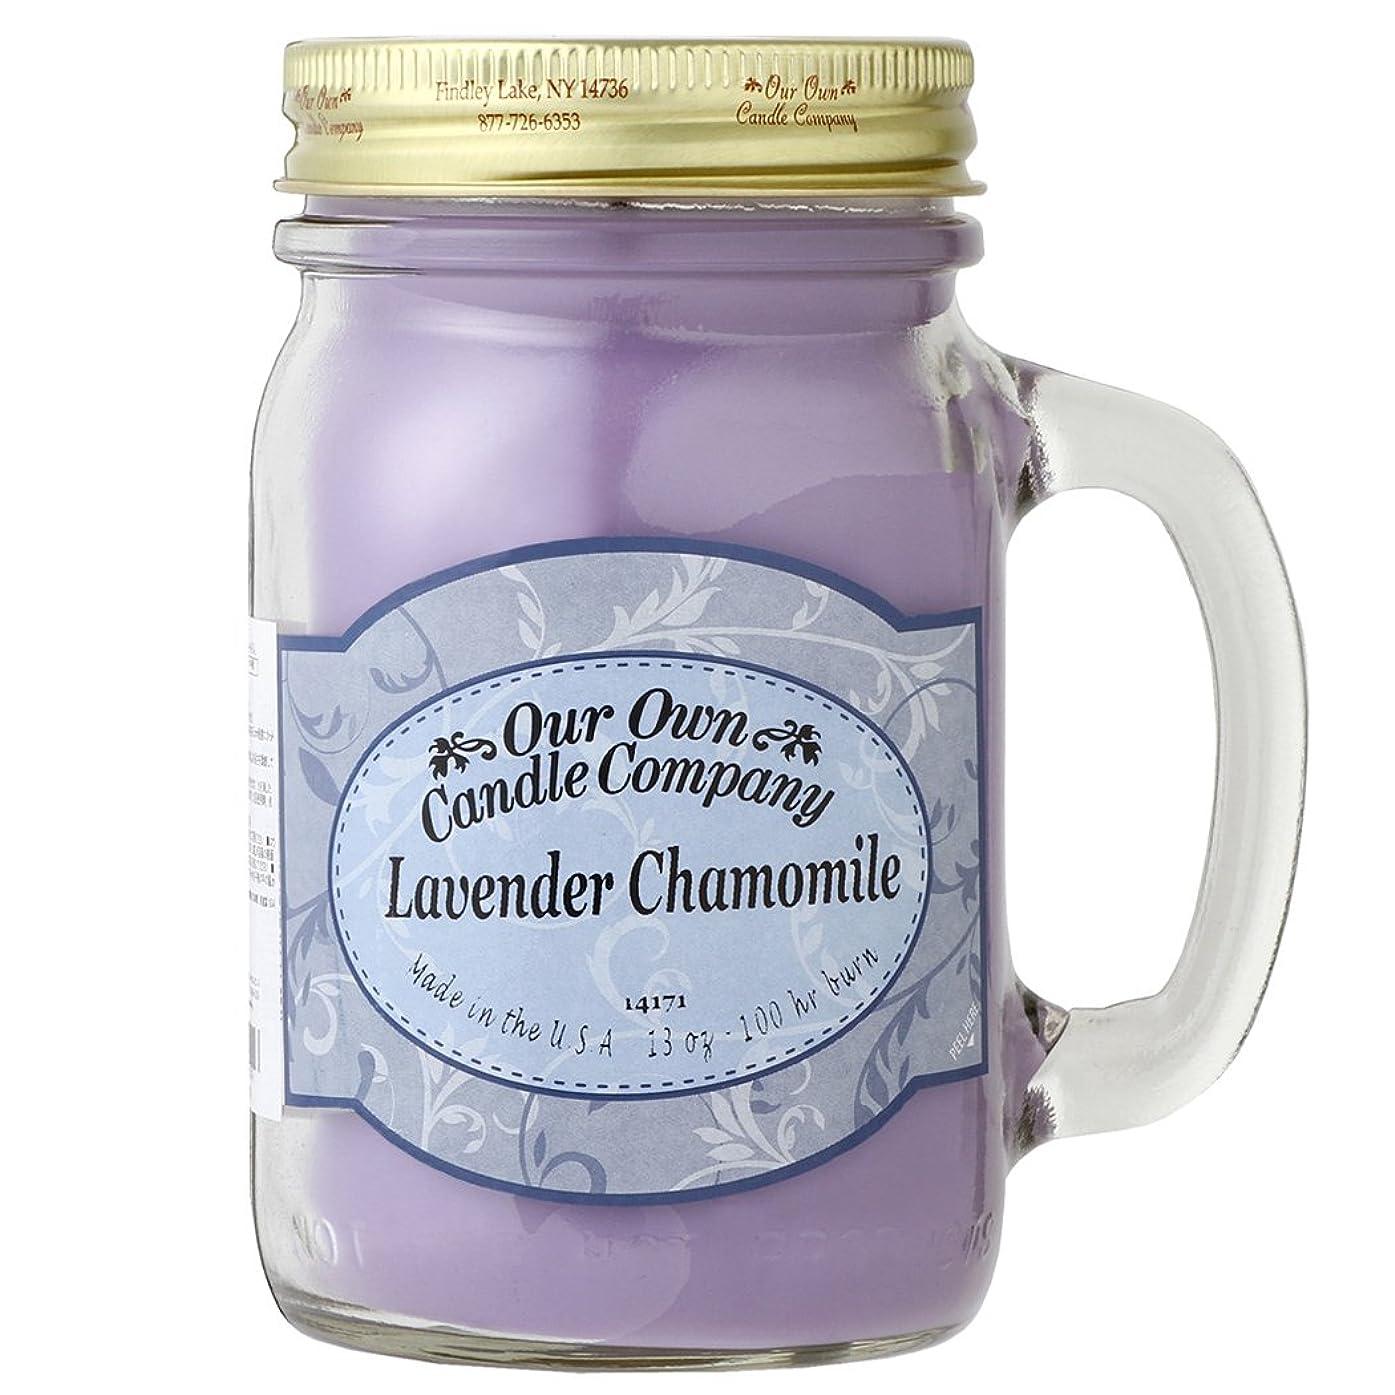 エンゲージメントマイルド船酔いOur Own Candle Company メイソンジャーキャンドル ラージサイズ ラベンダーカモミール OU100070